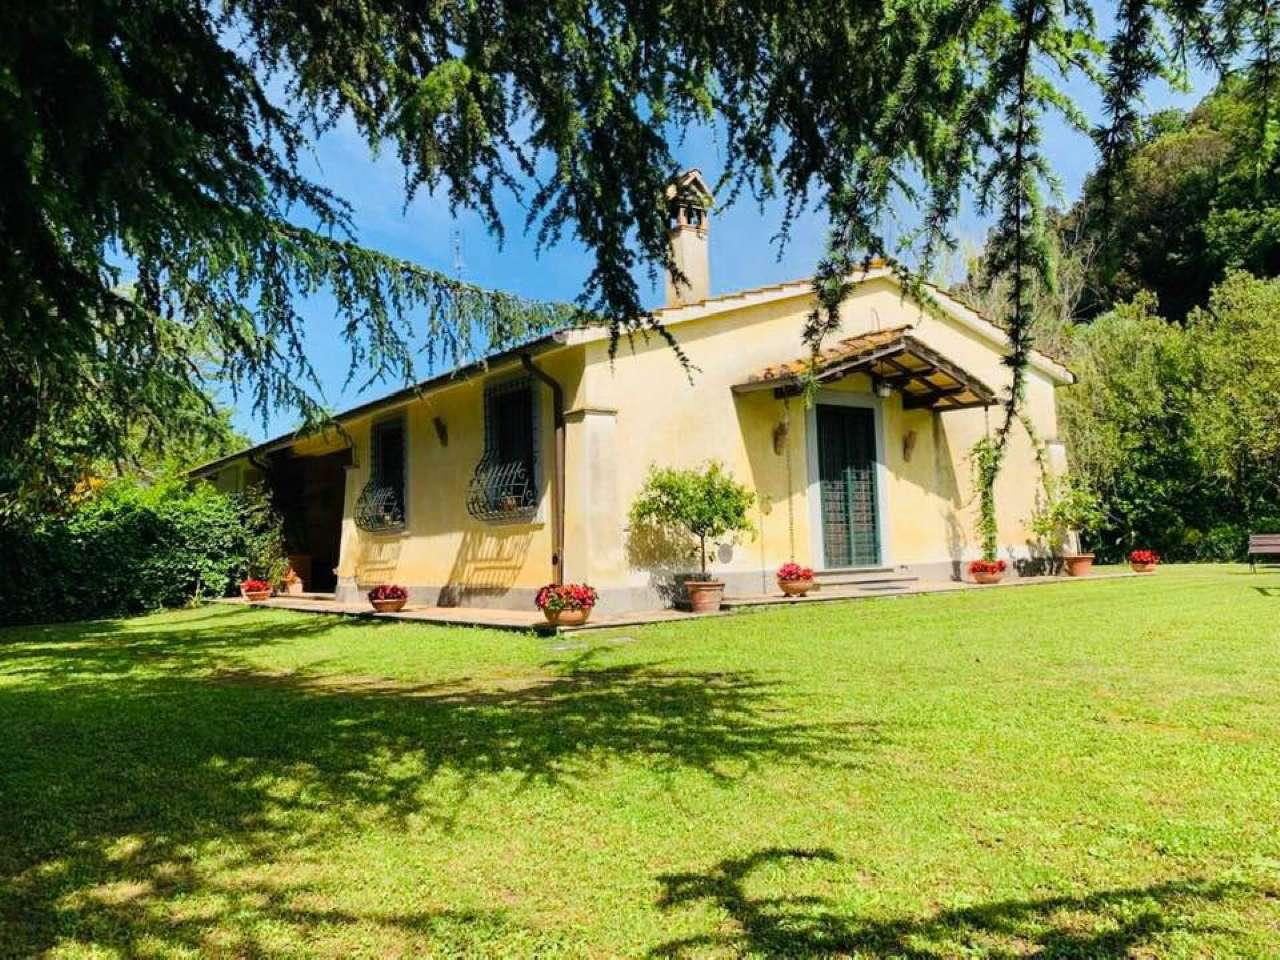 Rustico / Casale in vendita a Roma, 3 locali, zona Zona: 27 . Aurelio - Boccea, prezzo € 255.000 | CambioCasa.it